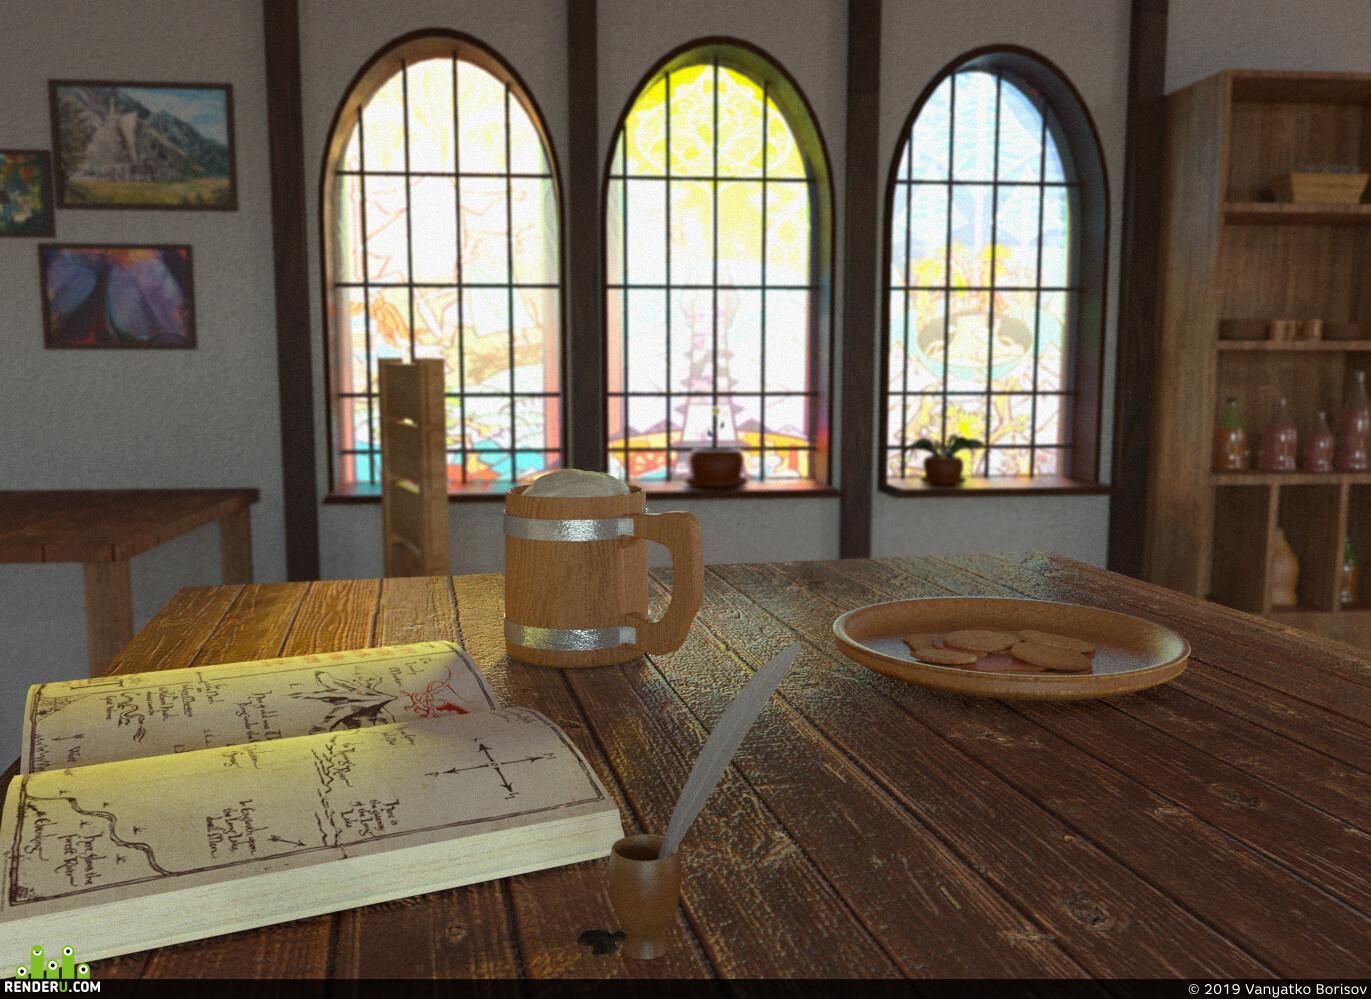 Властелин колец, 3D Studio Max, Corona Renderer